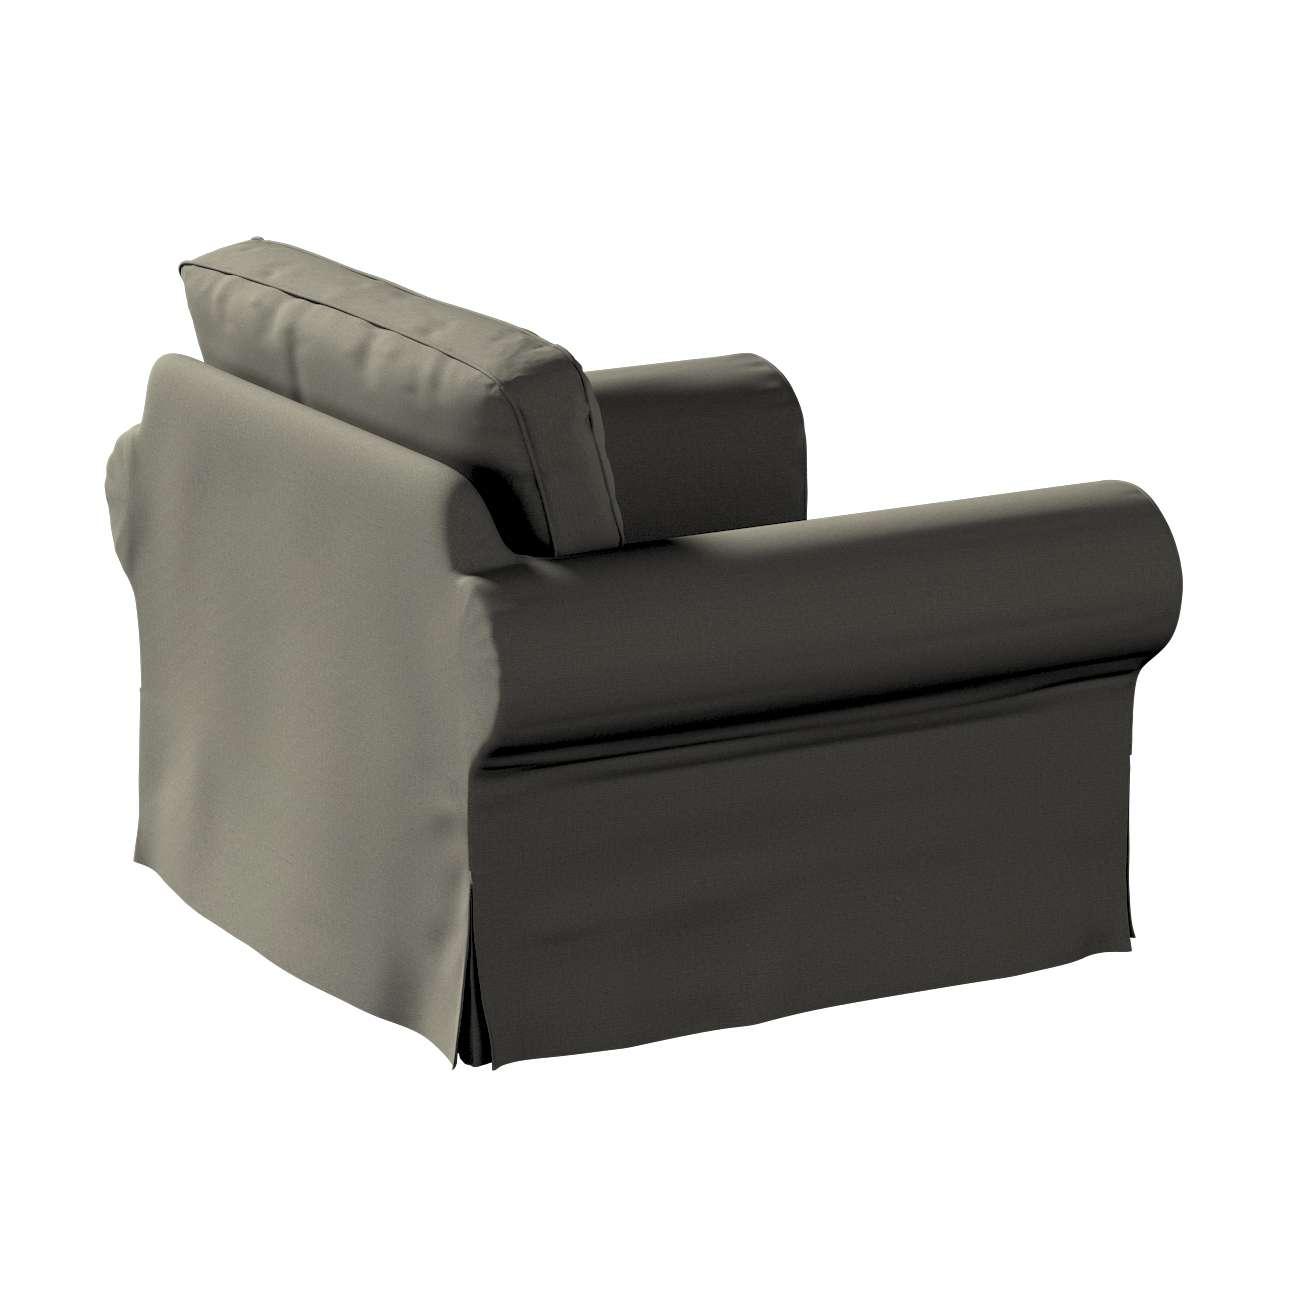 Pokrowiec na fotel Ektorp w kolekcji Living, tkanina: 161-55